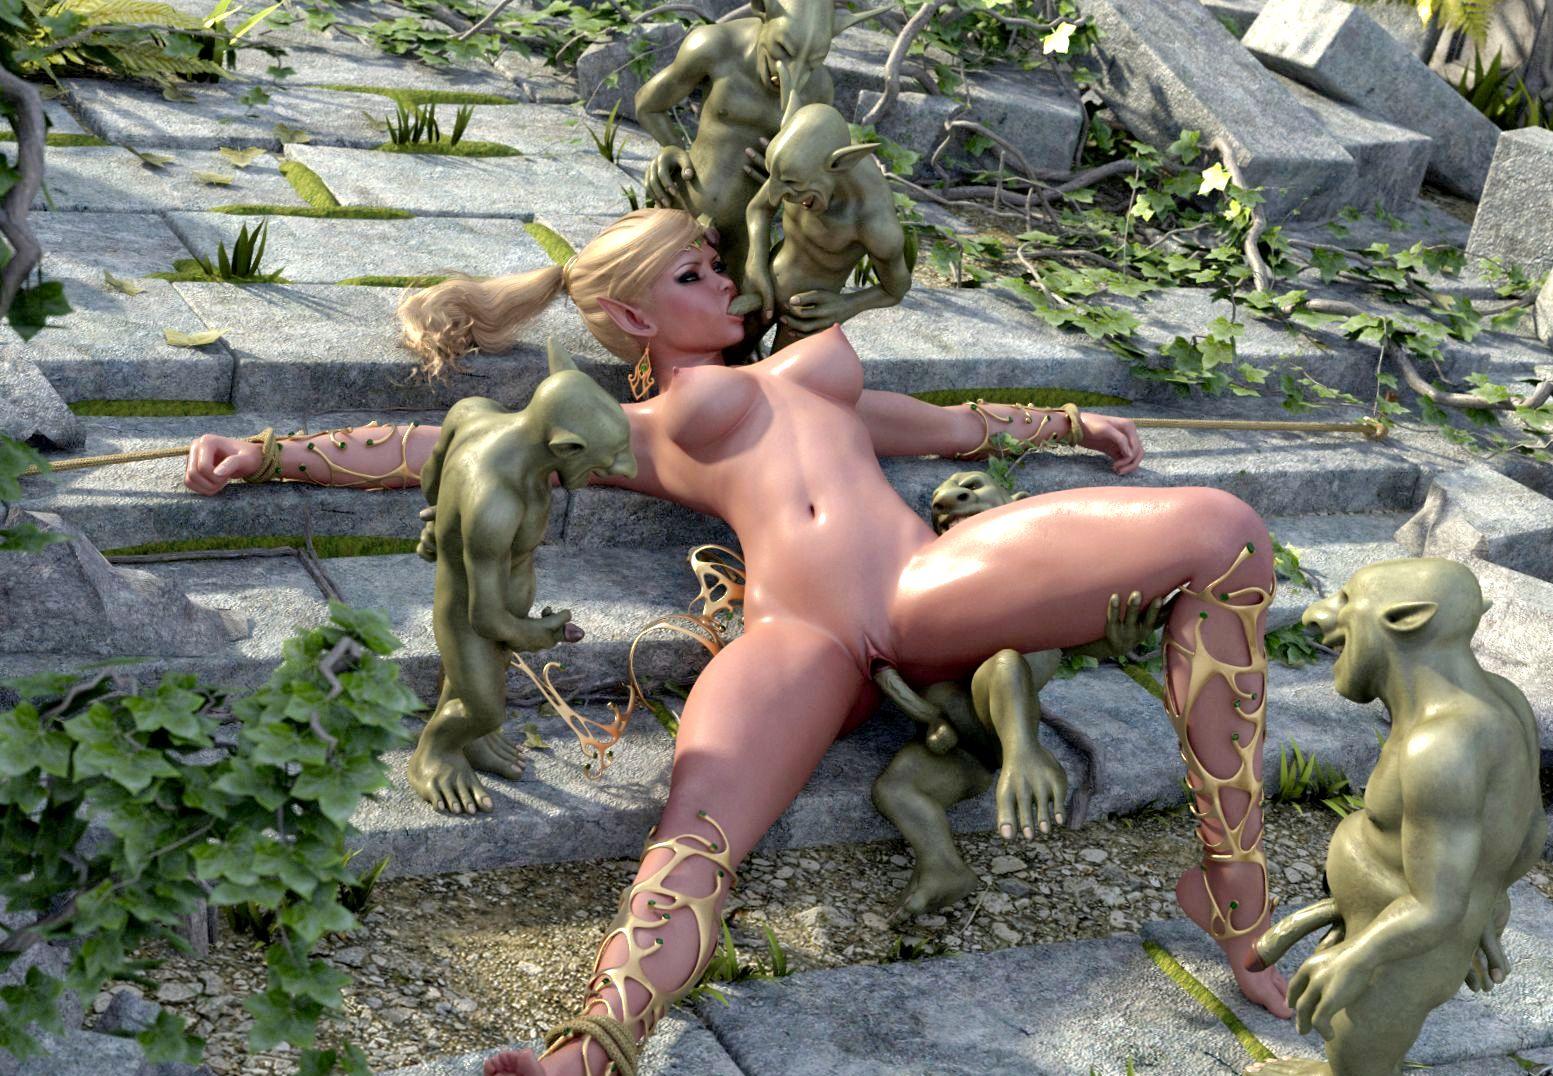 Дамы молодой секс с гоблинами фото порно